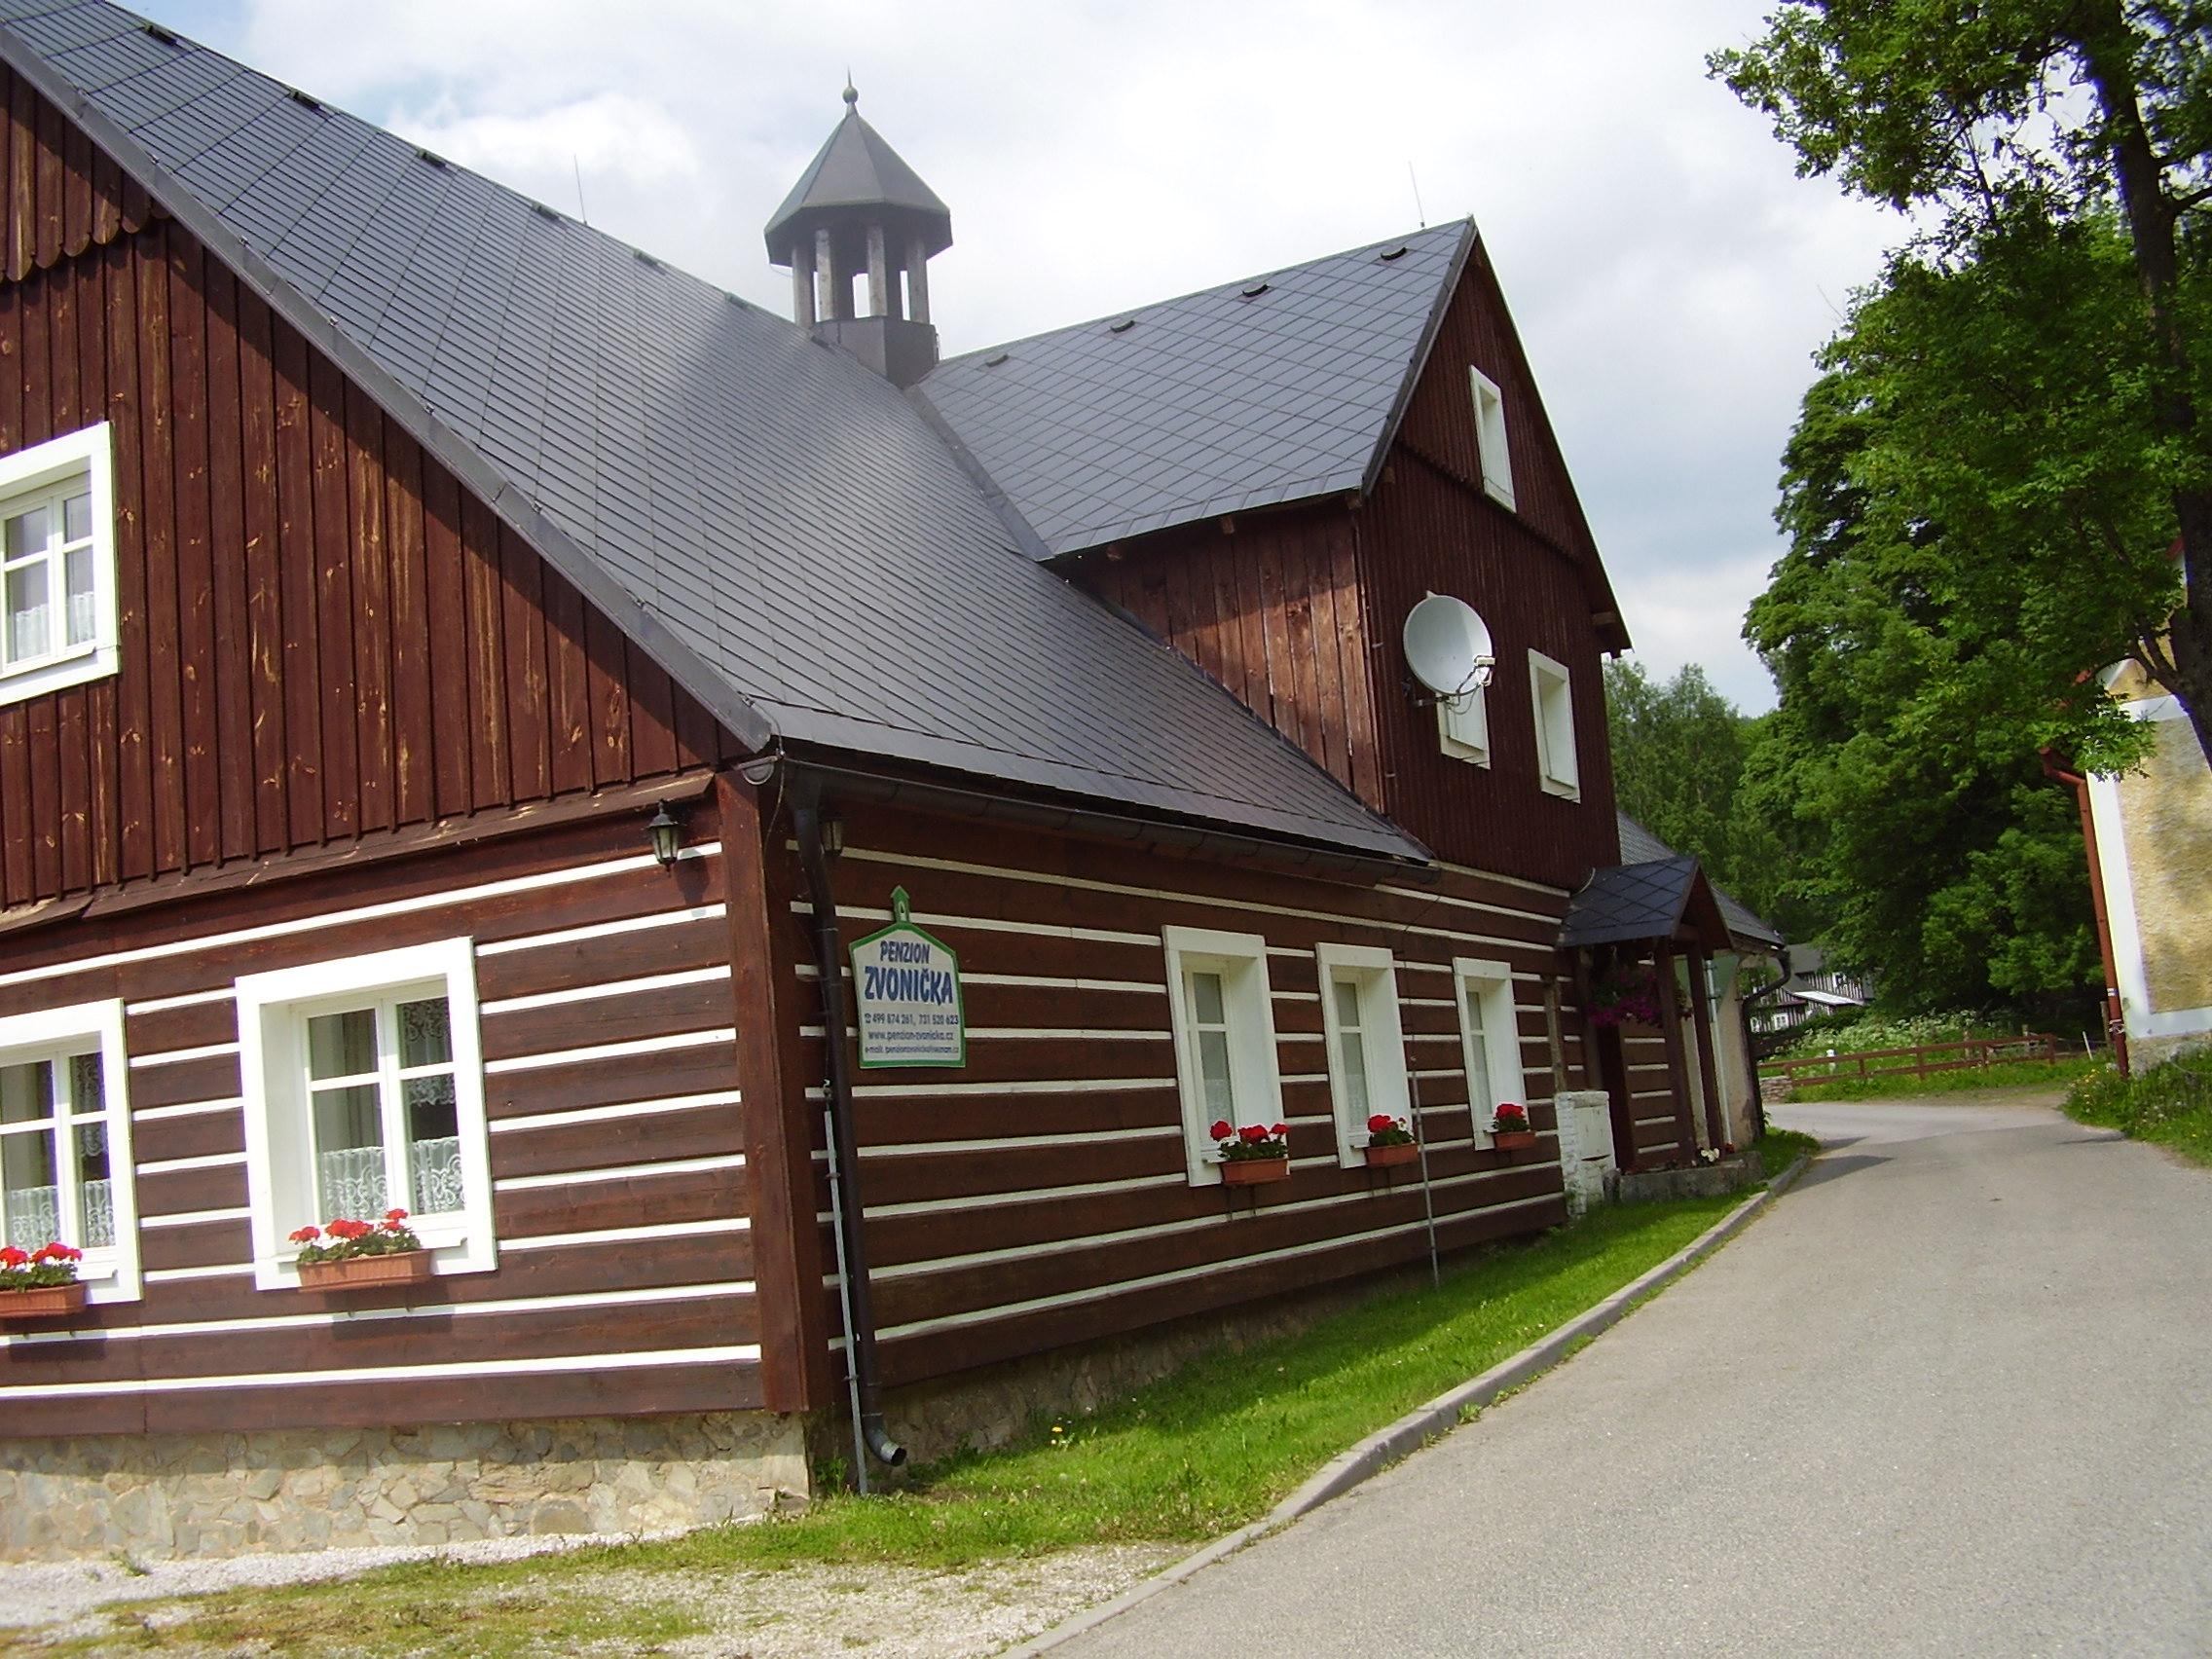 Penzion Zvonička